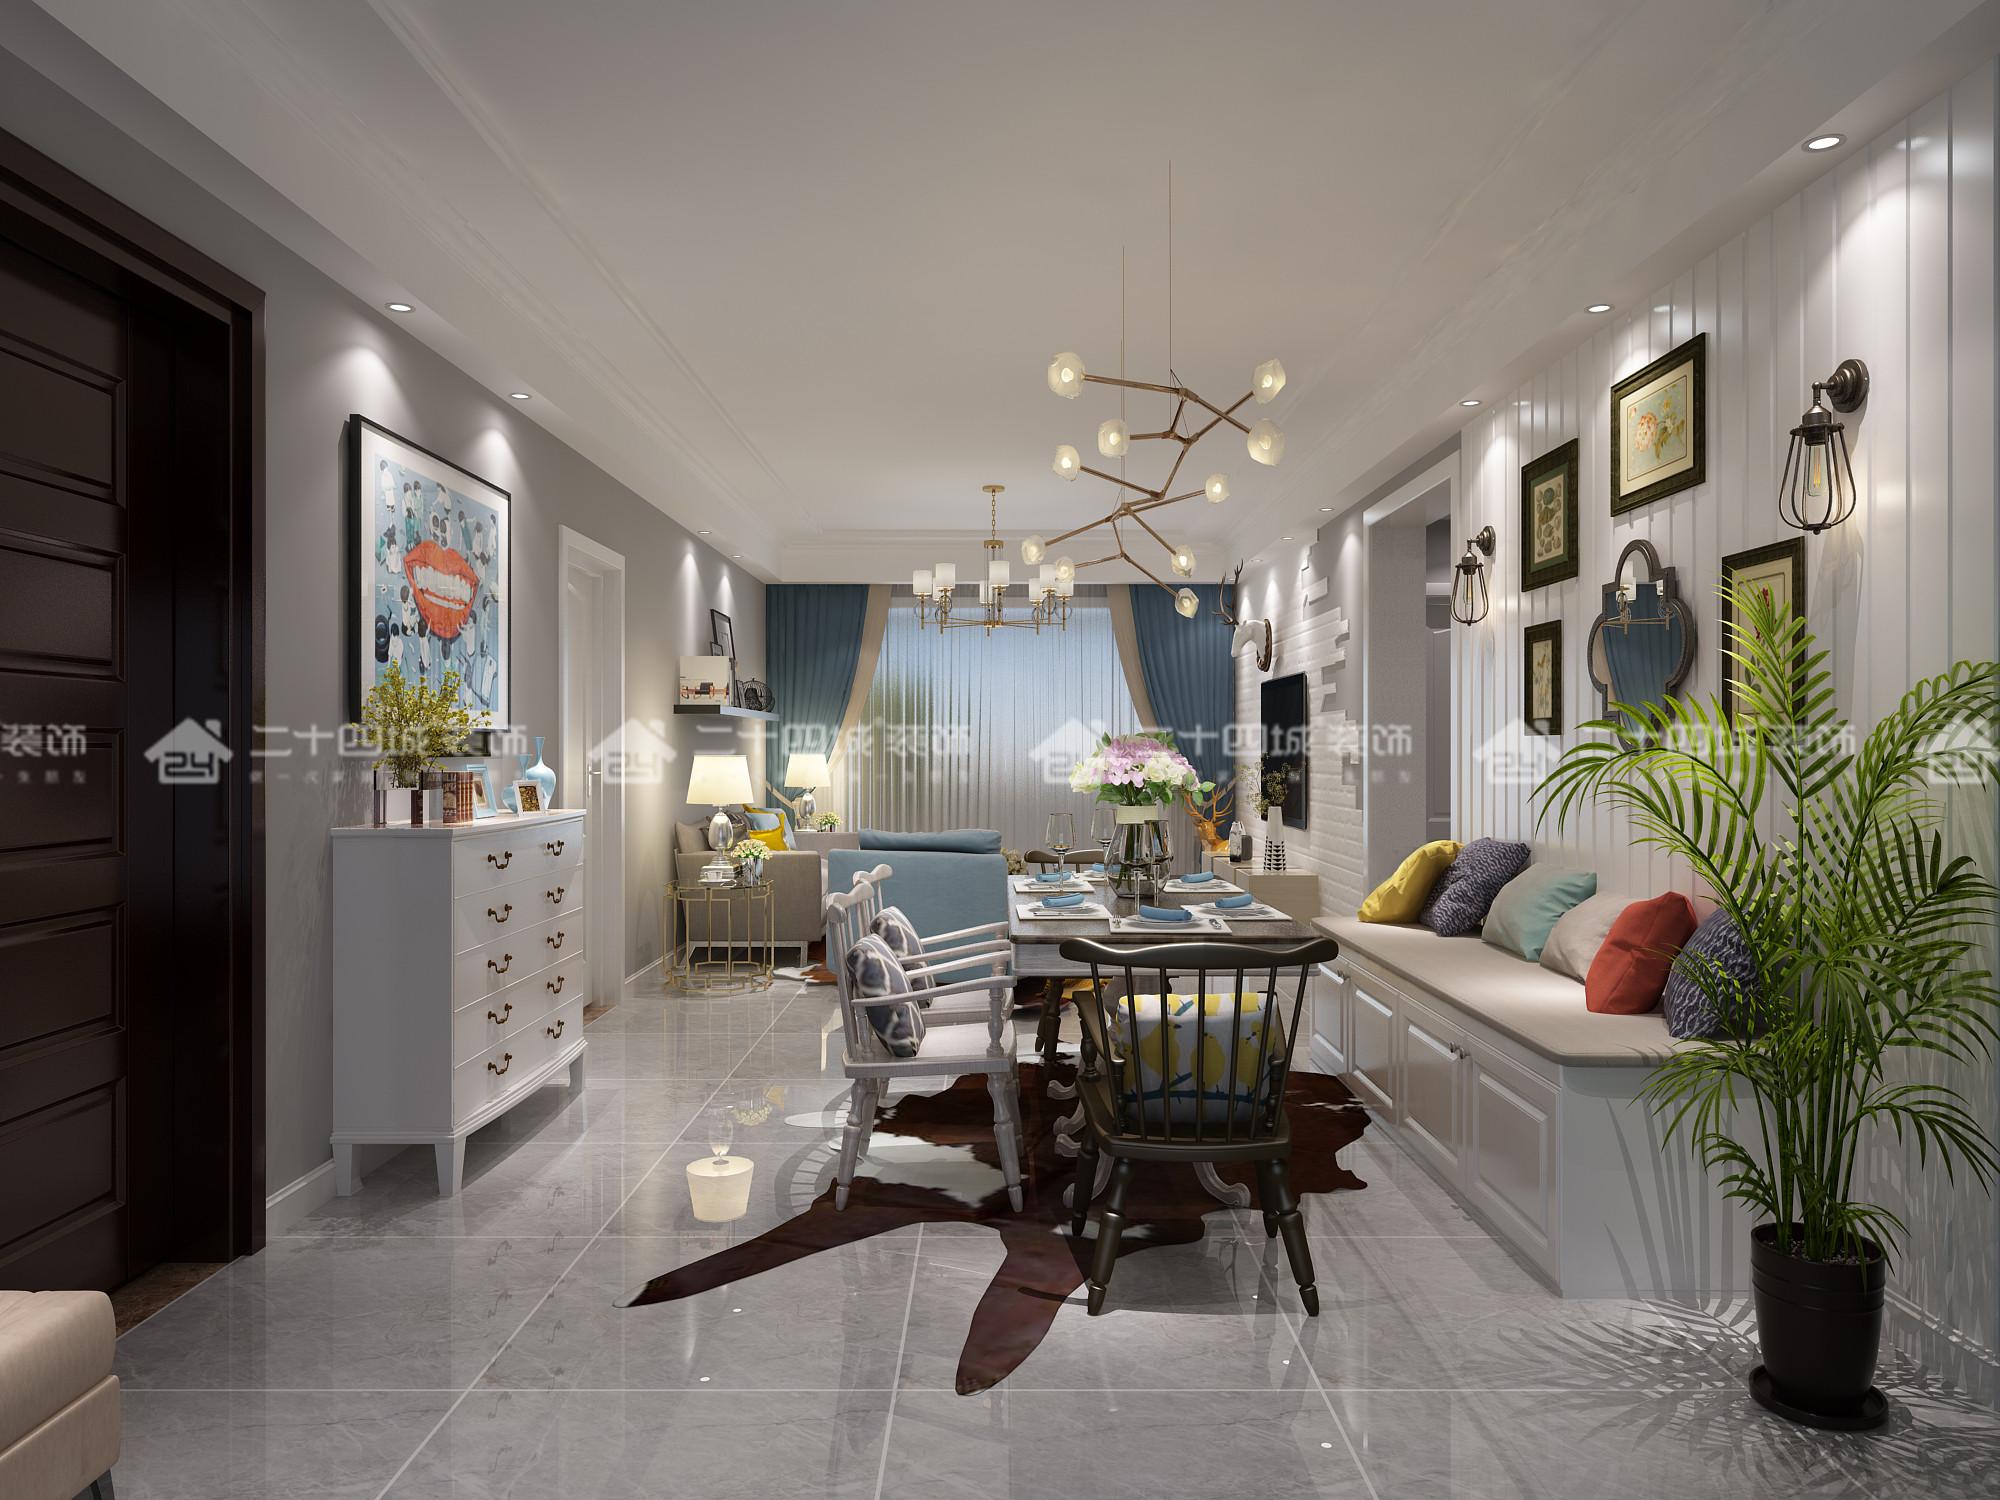 欧式 三居 白领 80后 小资 北欧 清新 舒适 定制家装 客厅图片来自二十四城装饰(集团)昆明公司在昆明湖  北欧的分享